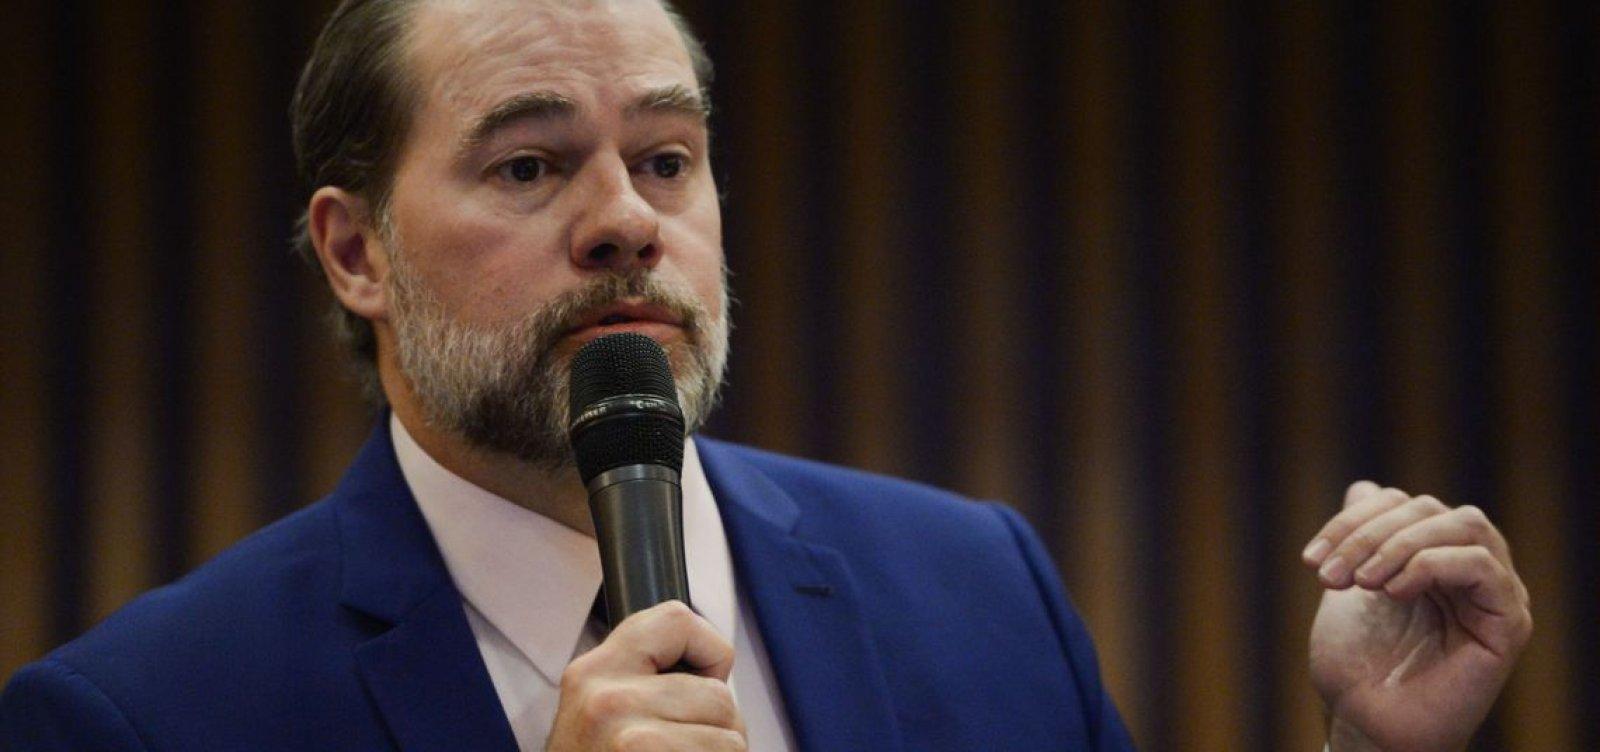 ['Afronta à Constituição e ao sistema penal', diz ex-procurador-geral da República sobre inquérito de Toffoli]